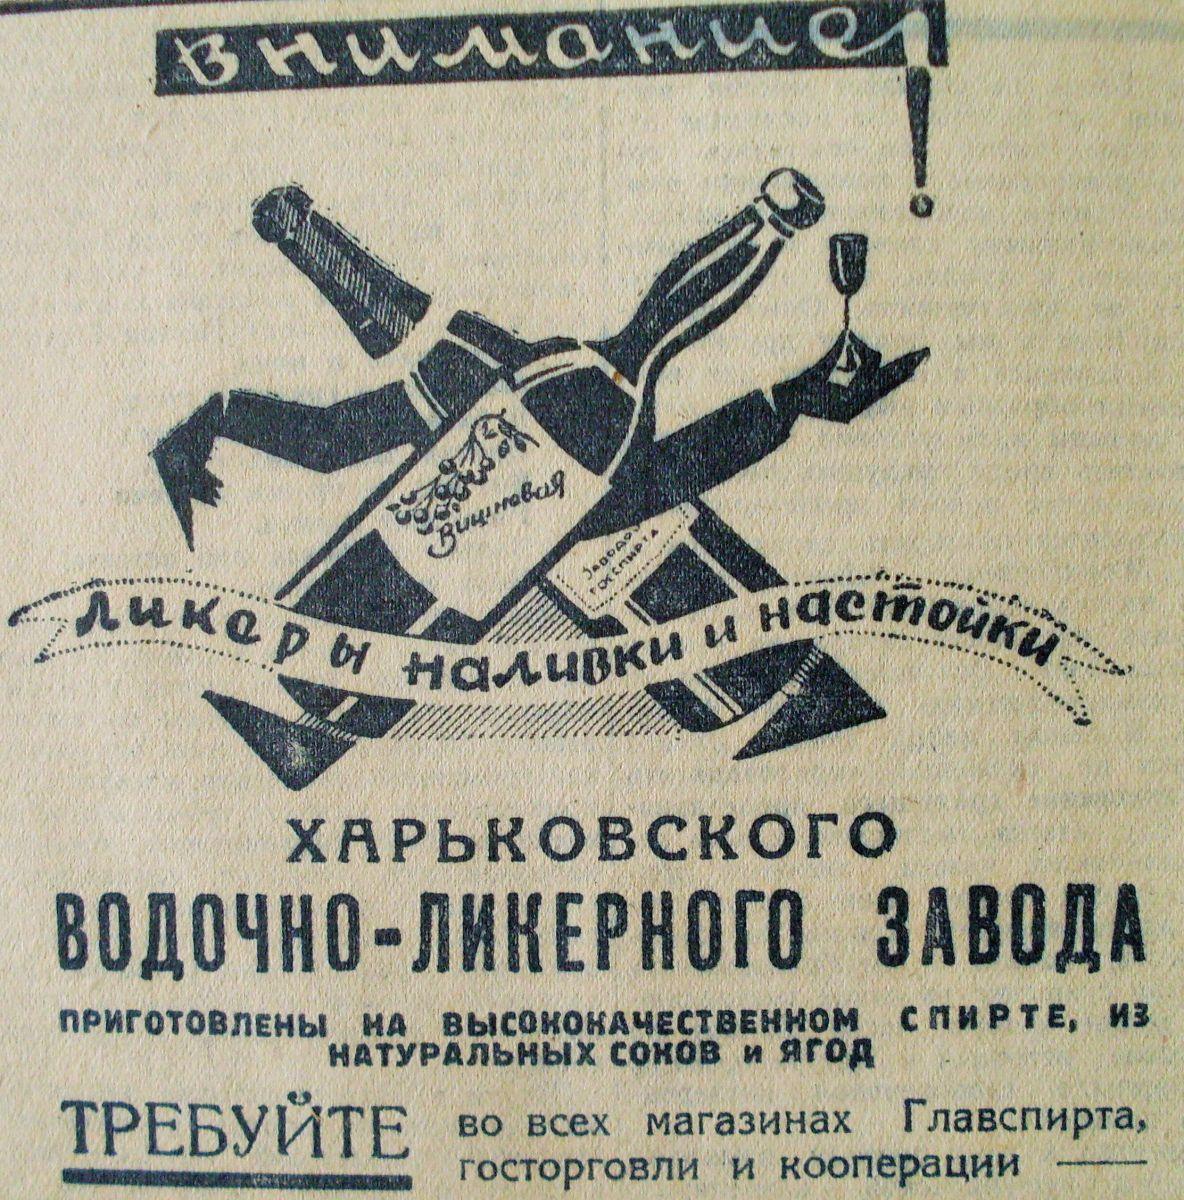 У 1935-му навіть реклама спиртного нагадувала серп і молот